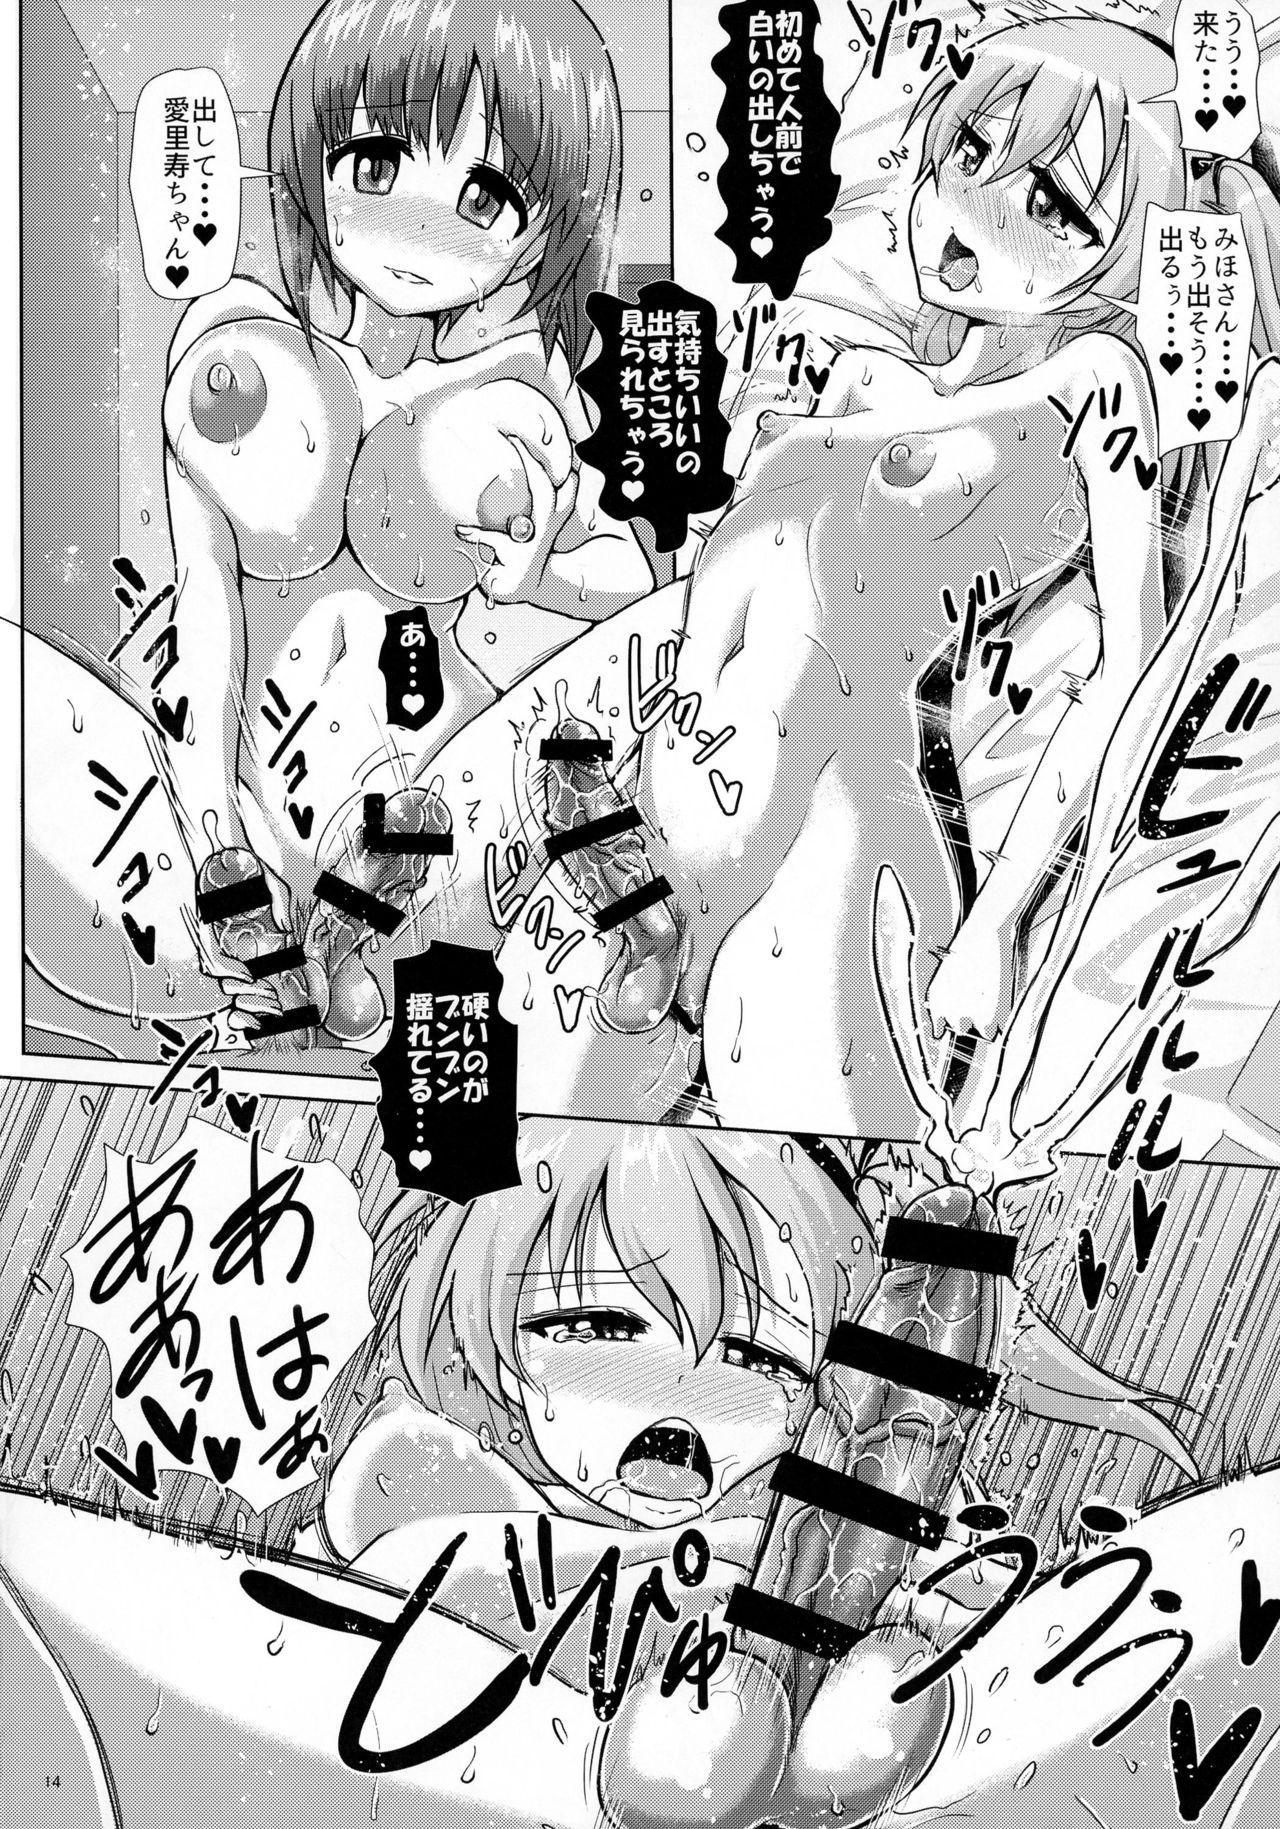 Panzer High no Osamekata 2 13